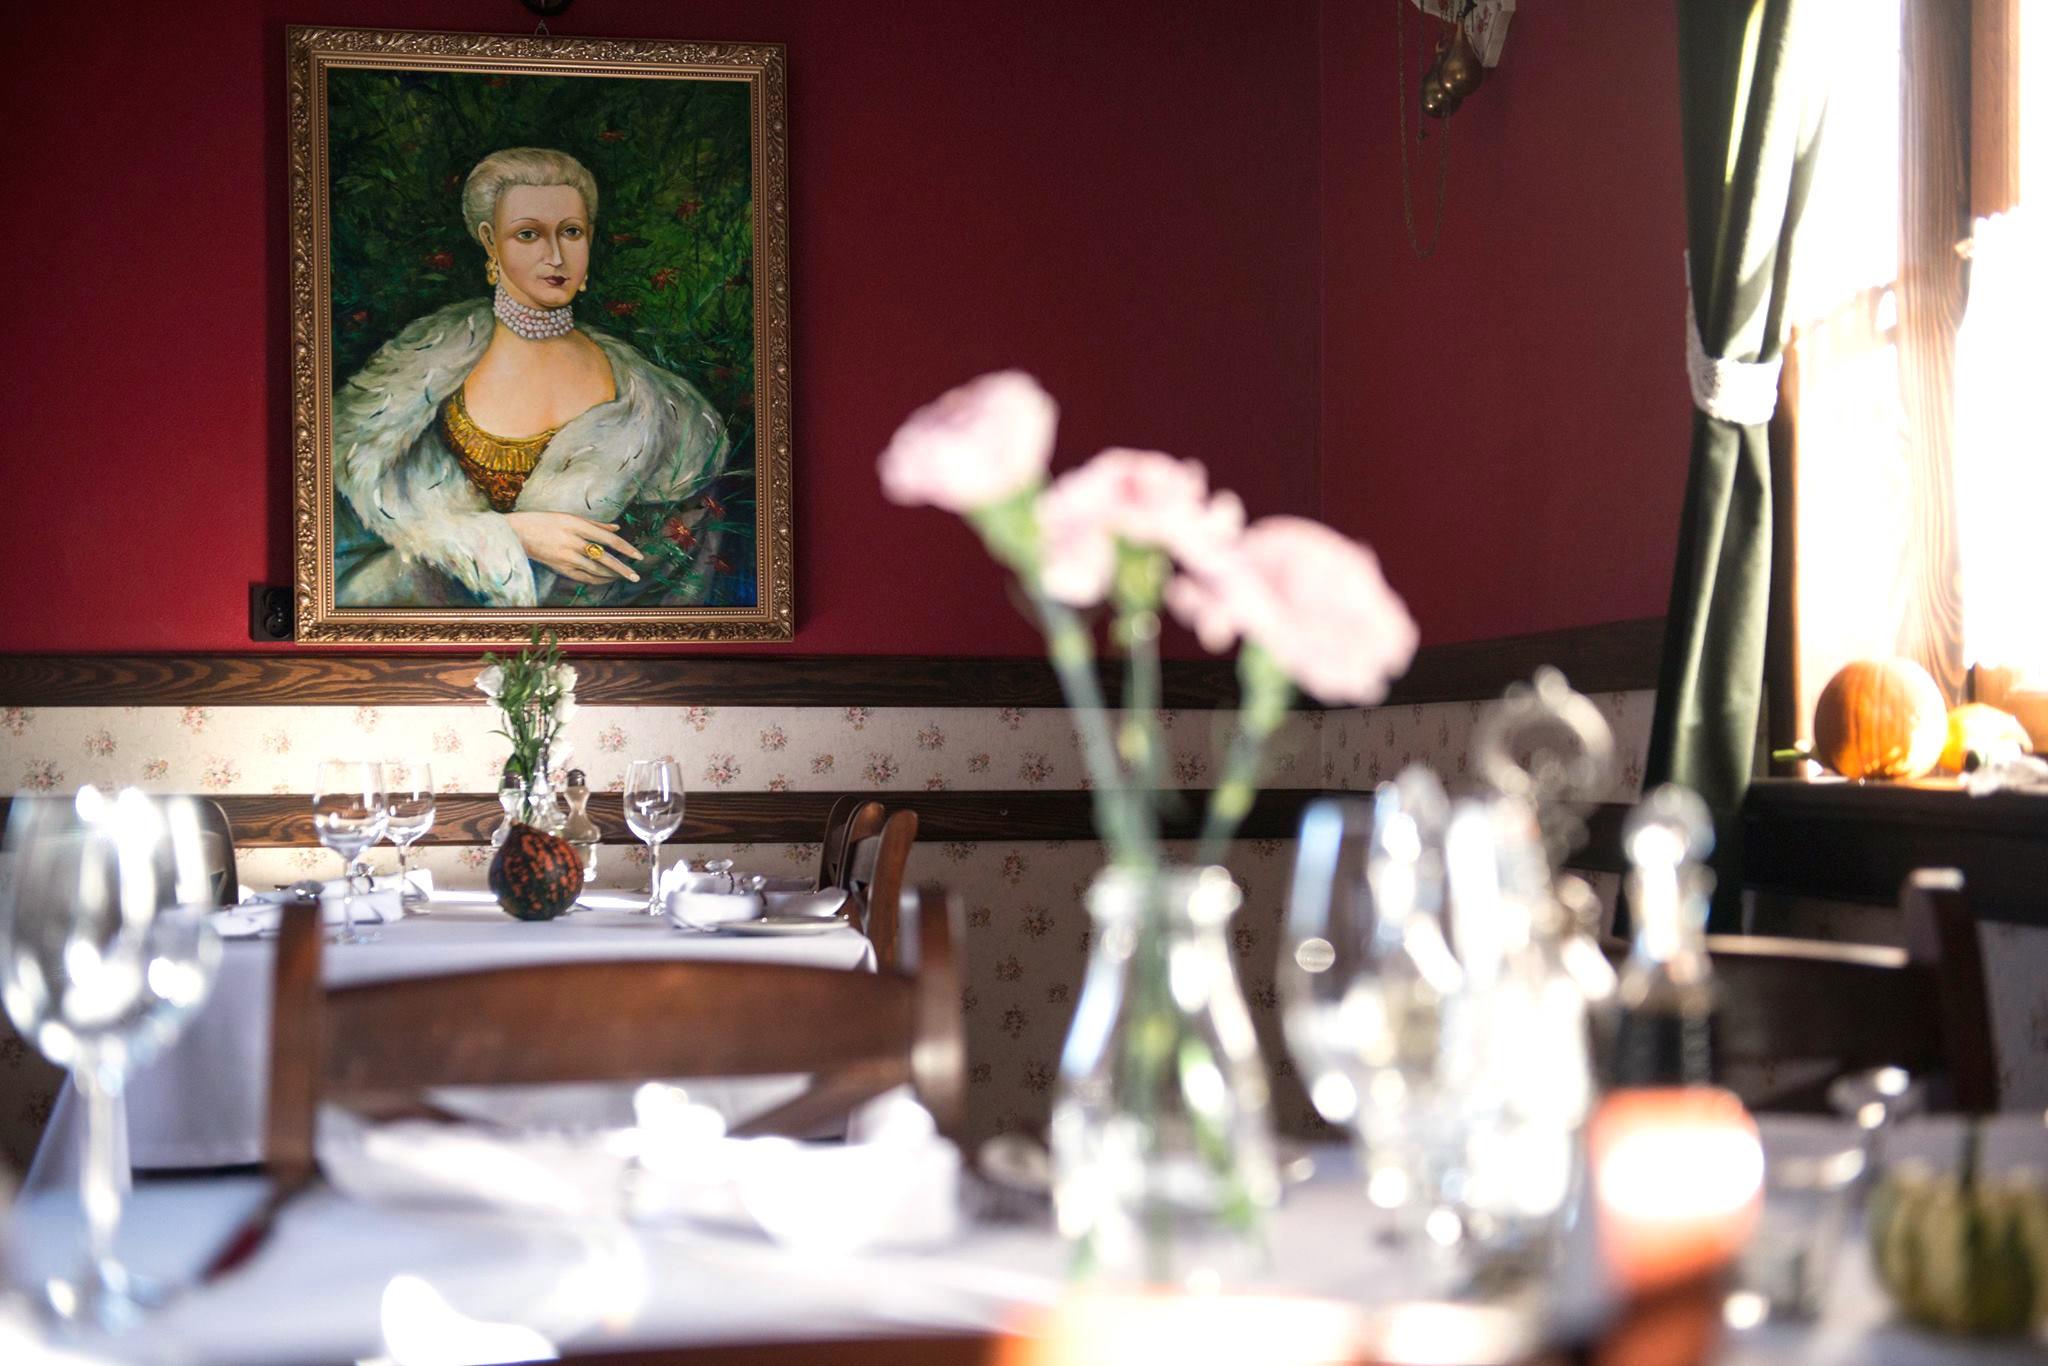 Podlasie na weekend: gdzie zjeść? 6 sprawdzonych miejsc z podlaską kuchnią